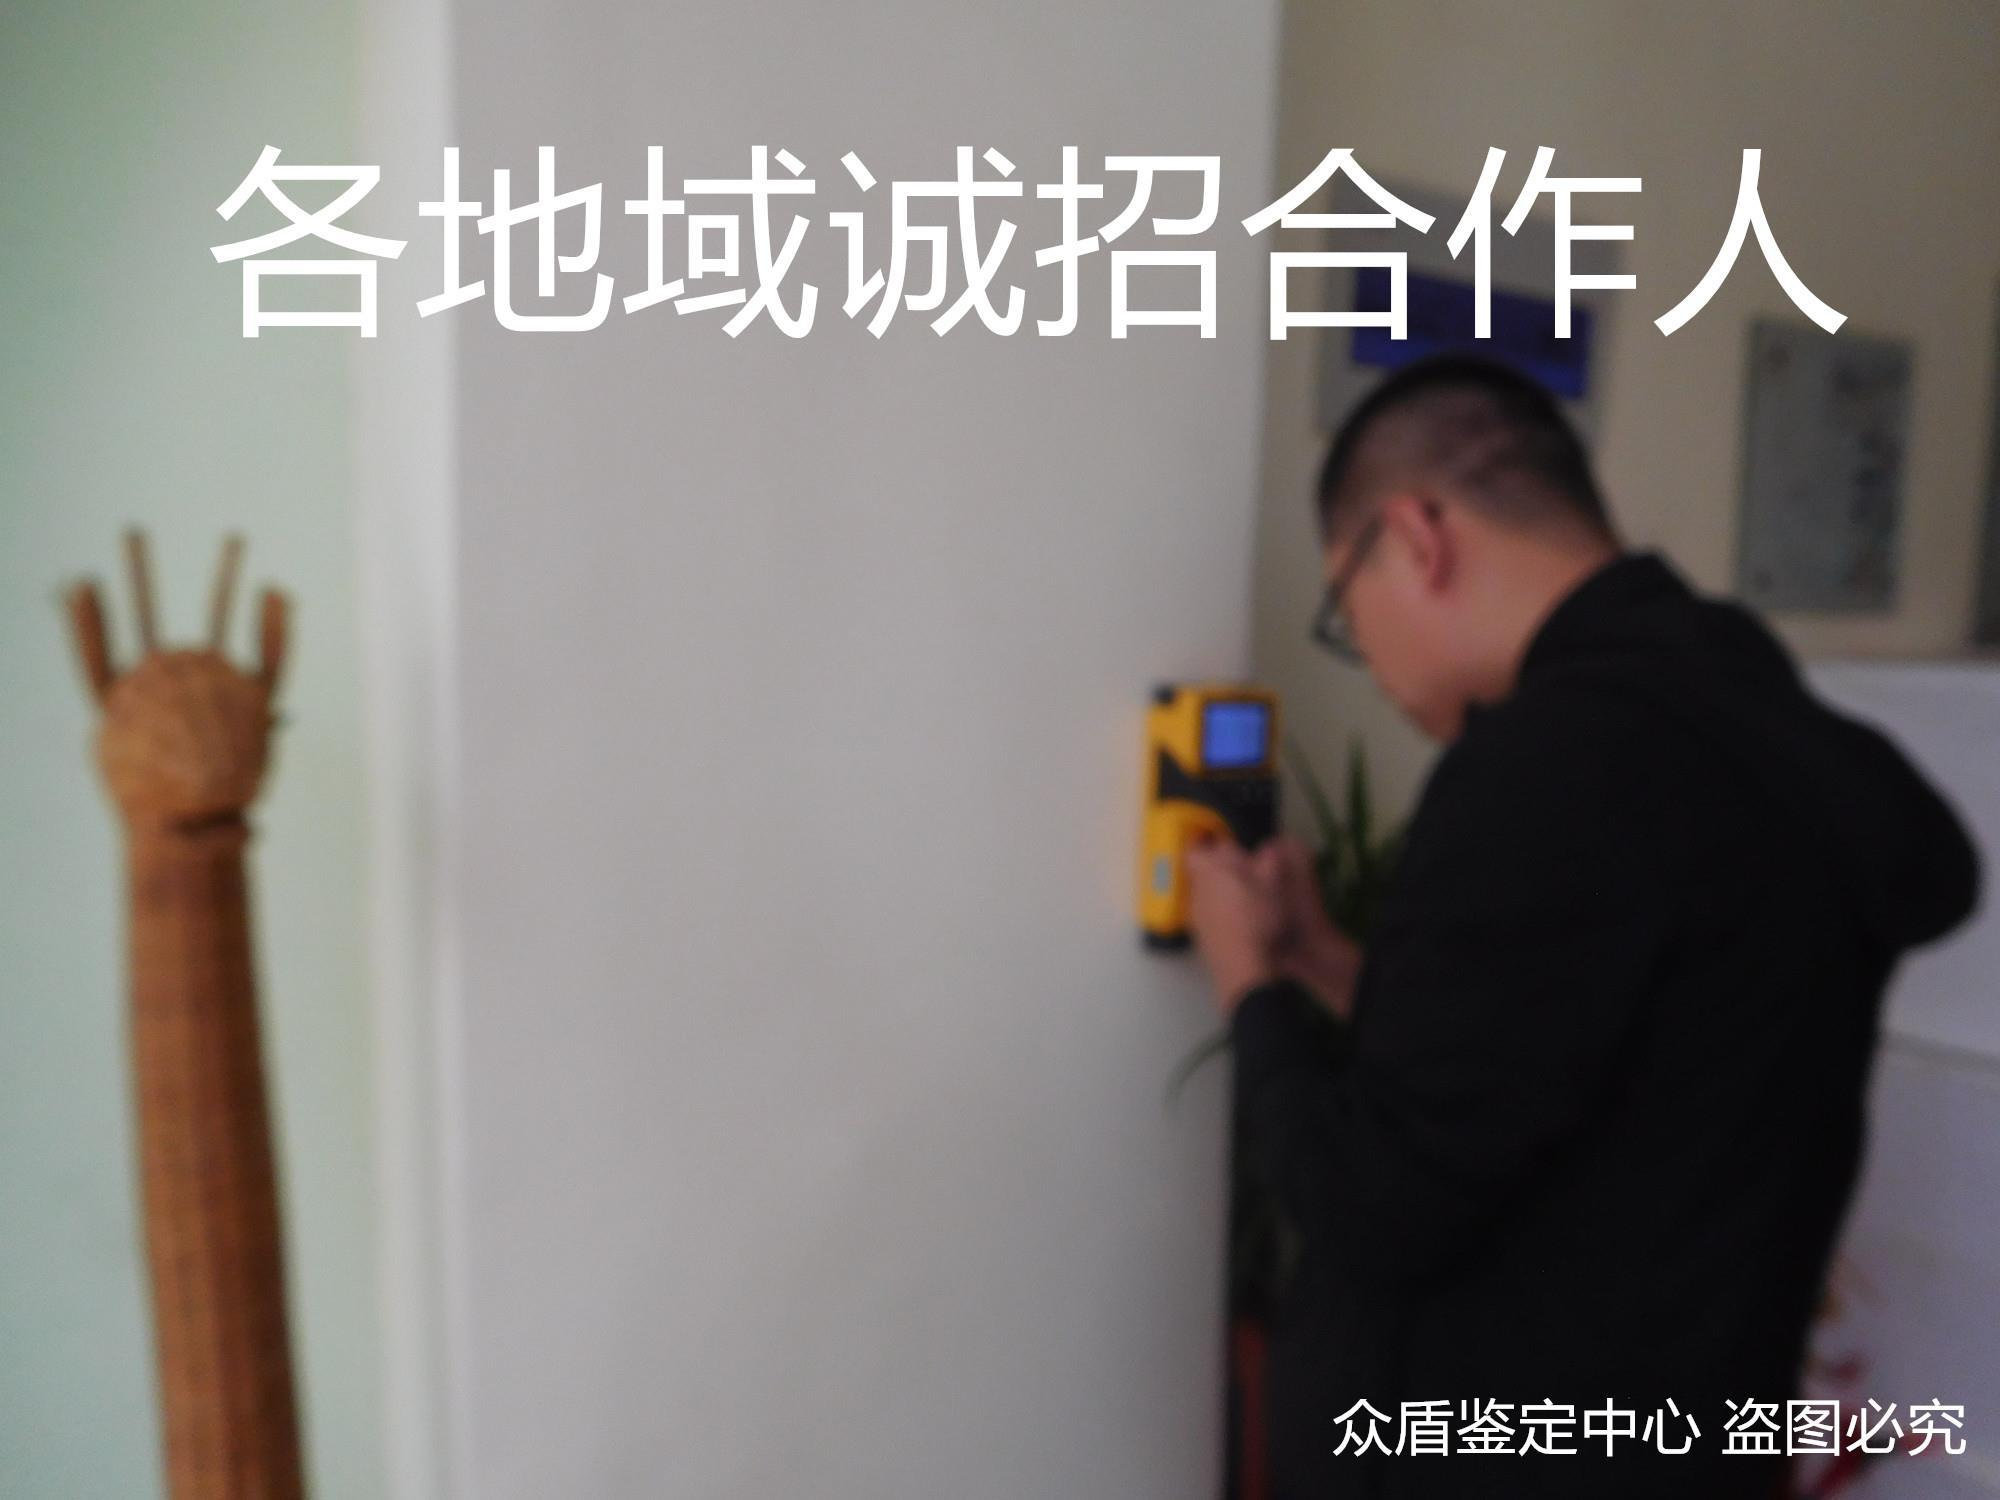 渭南澄城厂房质量安全鉴定机构